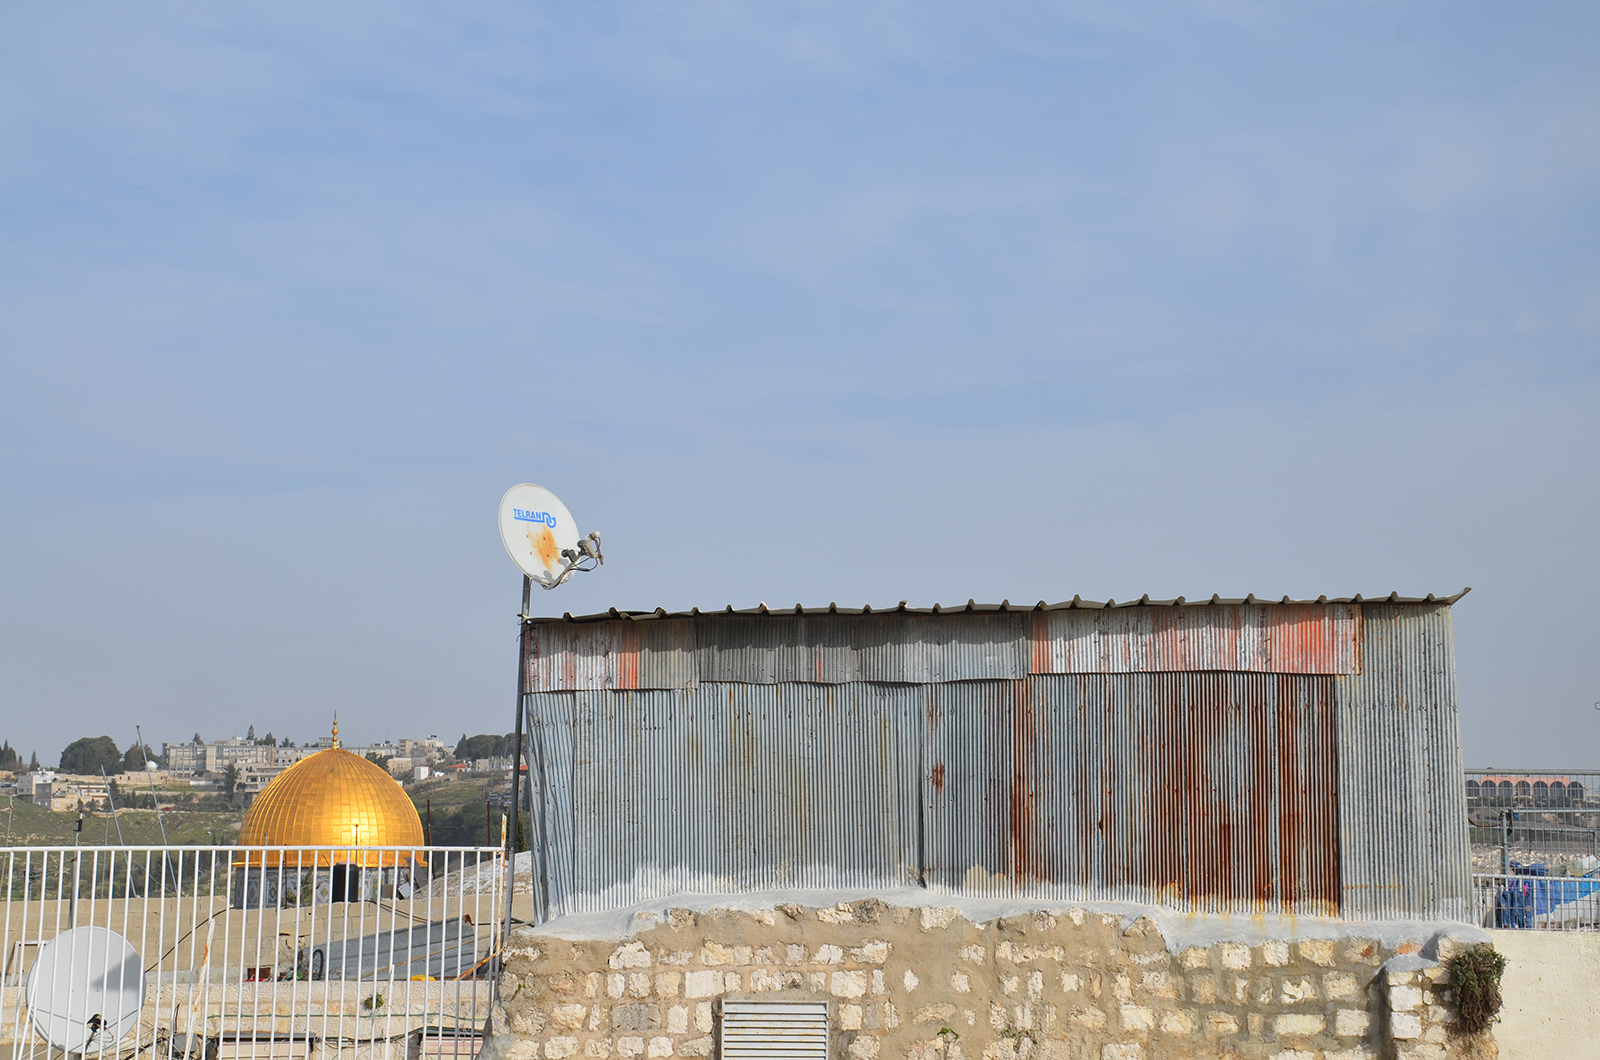 střechy Jeruzaléma, Izrael - na pozadí kopule Skalního dómu